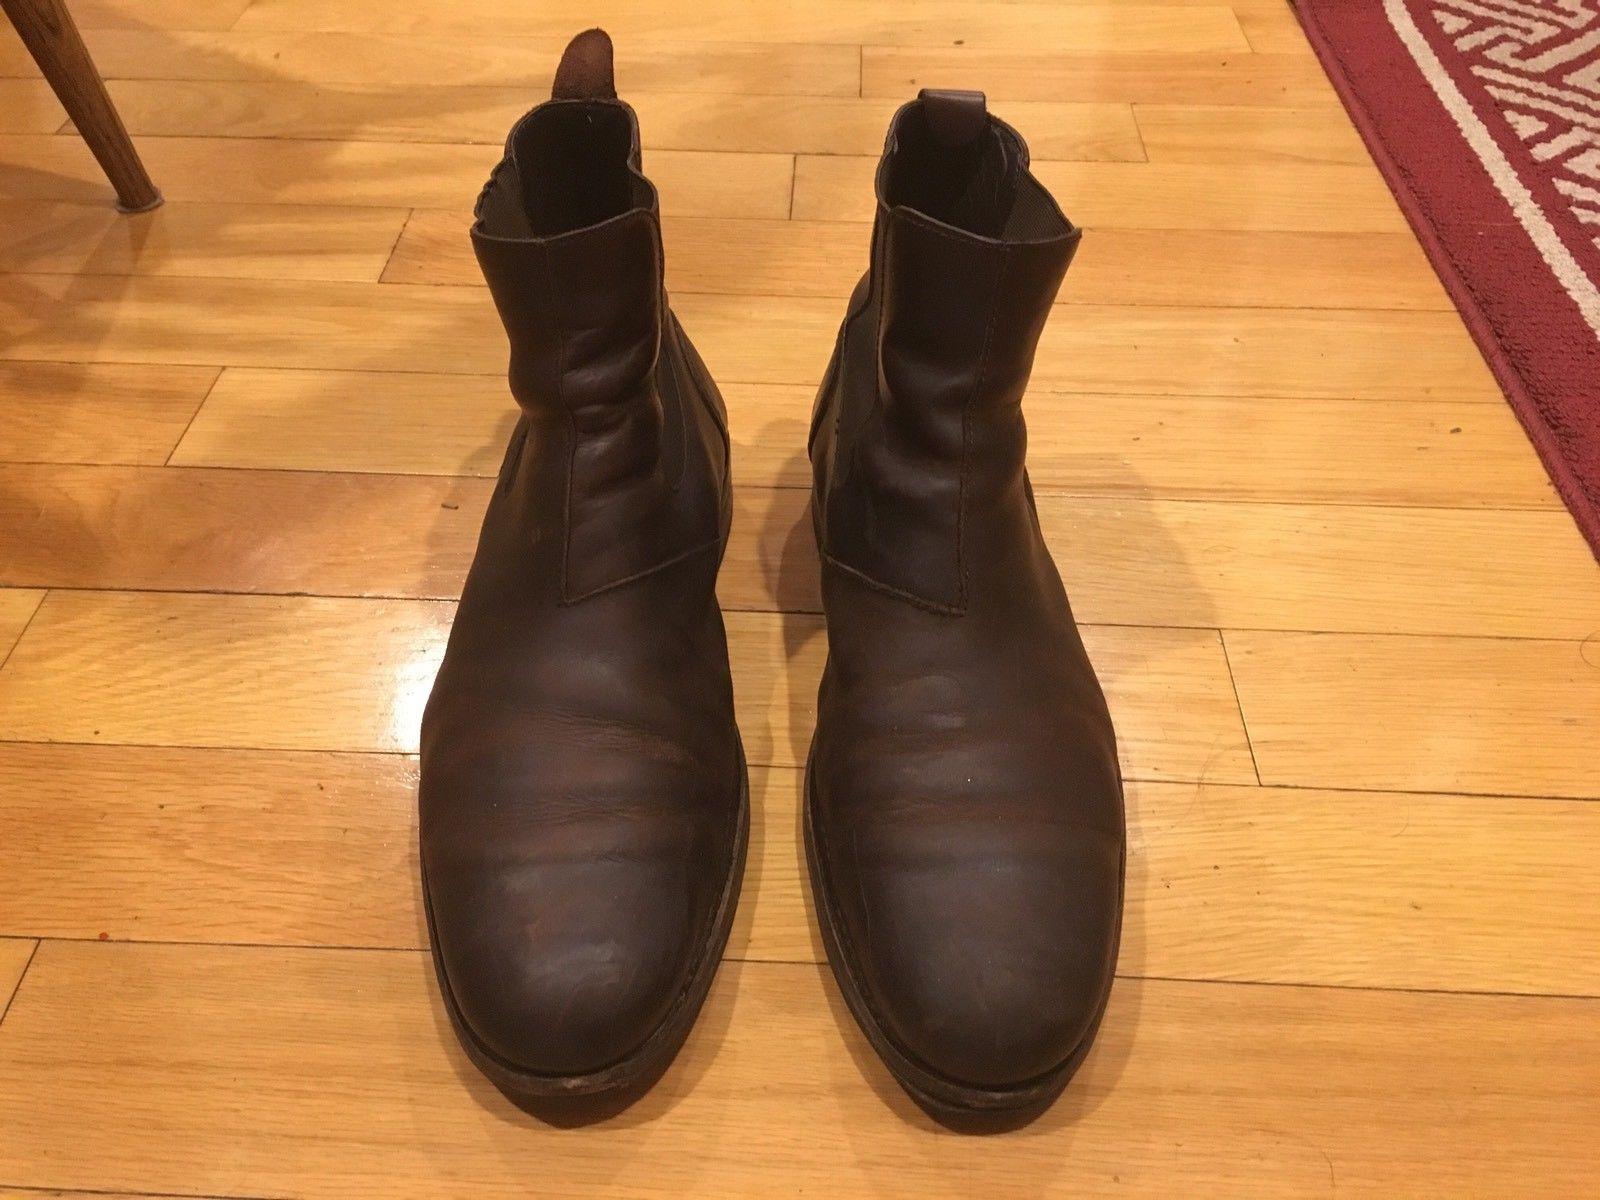 87abaea0901 FINAL DROP - Wolverine 1000 Mile Men's Montague 1000 Mile Chelsea Boots -  12 D USED